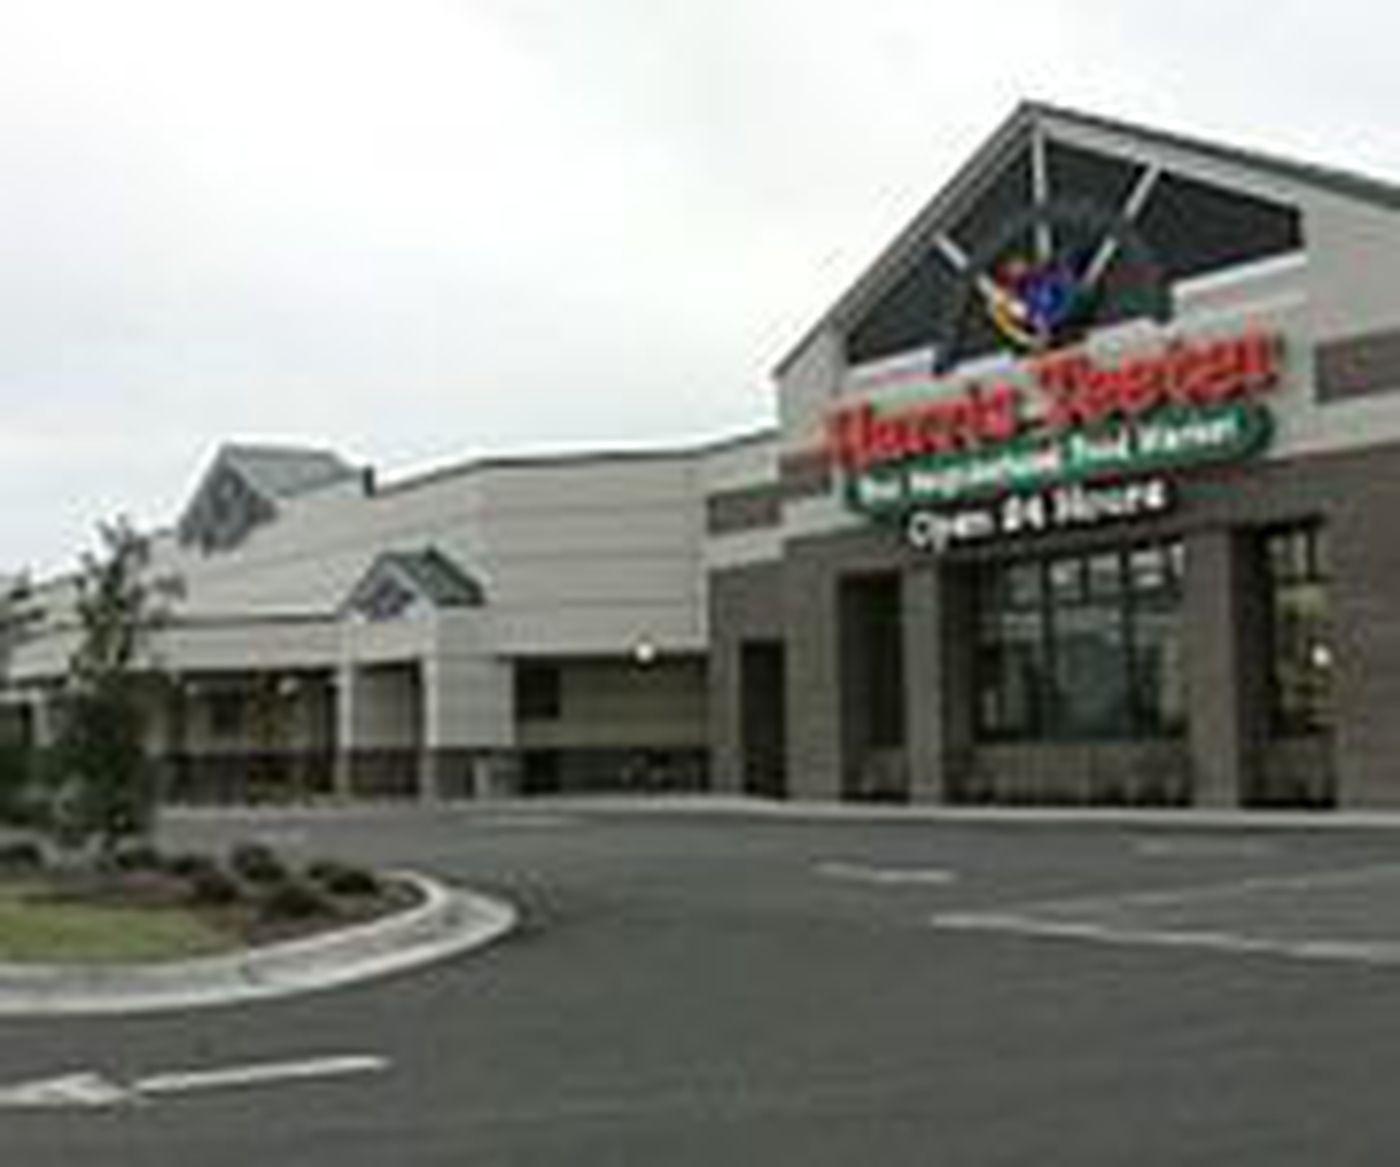 Hanover Center